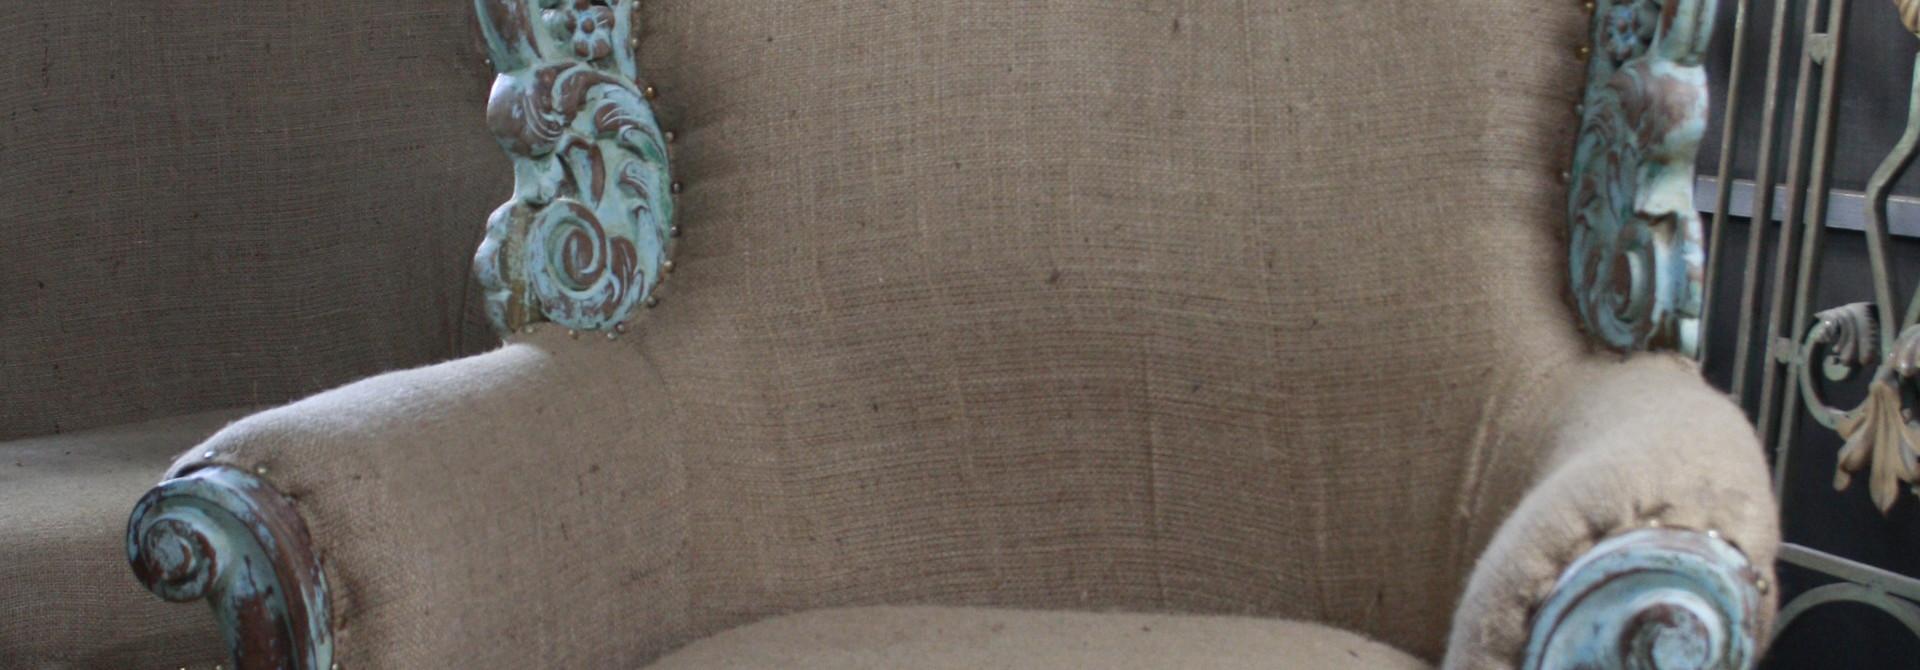 Fauteuil Ibiza stijl stof met houtsnijwerk